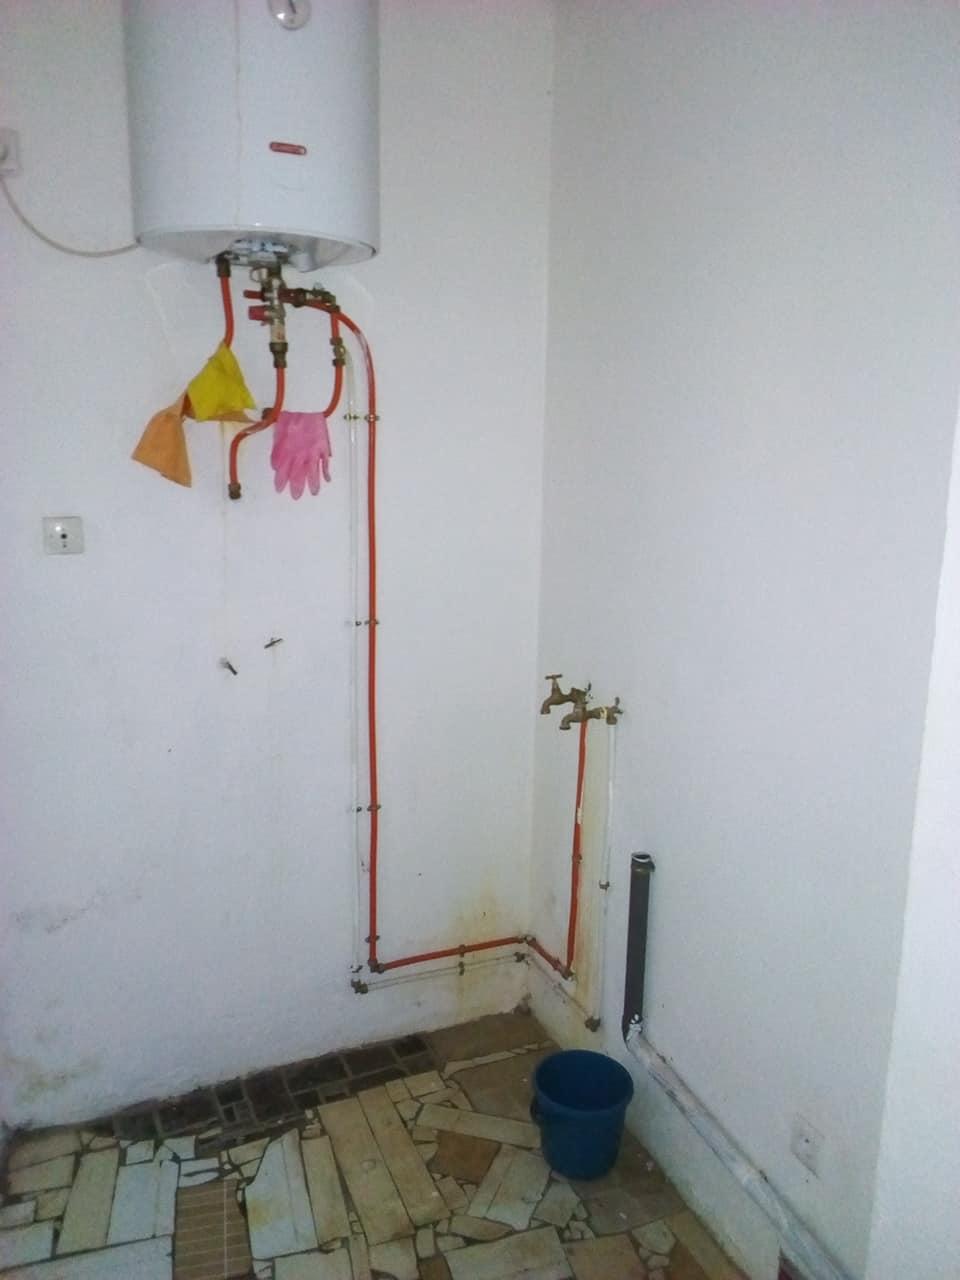 Appartement à louer - Yaoundé, Bastos, vers ambassade ditalie - 1 salon(s), 2 chambre(s), 3 salle(s) de bains - 650 000 FCFA / mois